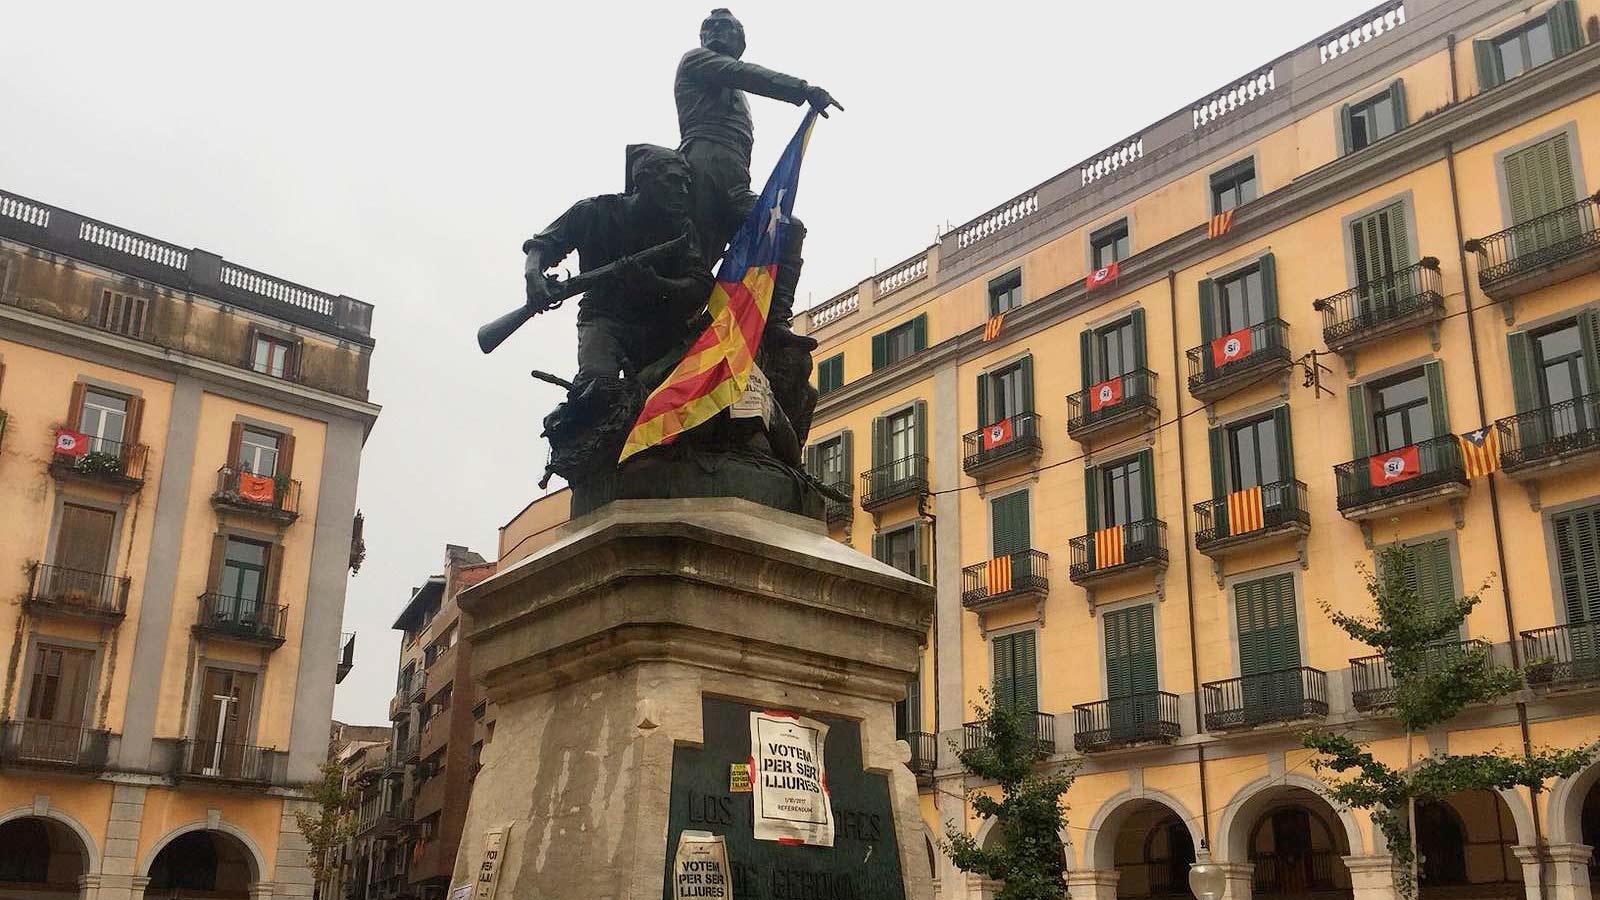 Una estatua adornada con una bandera estelada, en Girona.